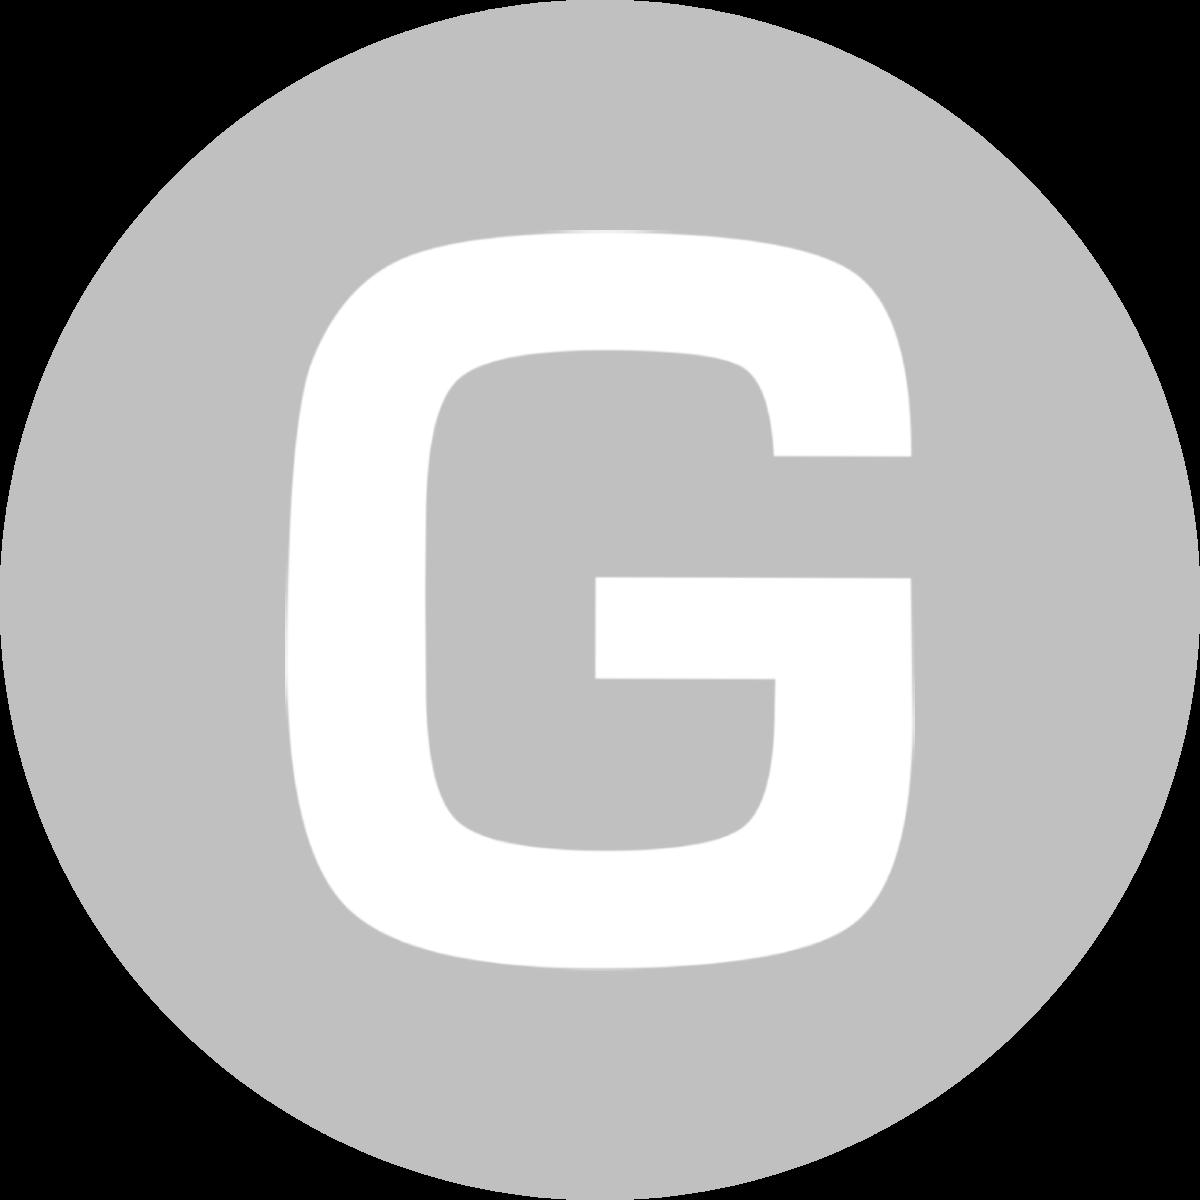 Lakeballs 20 baller!